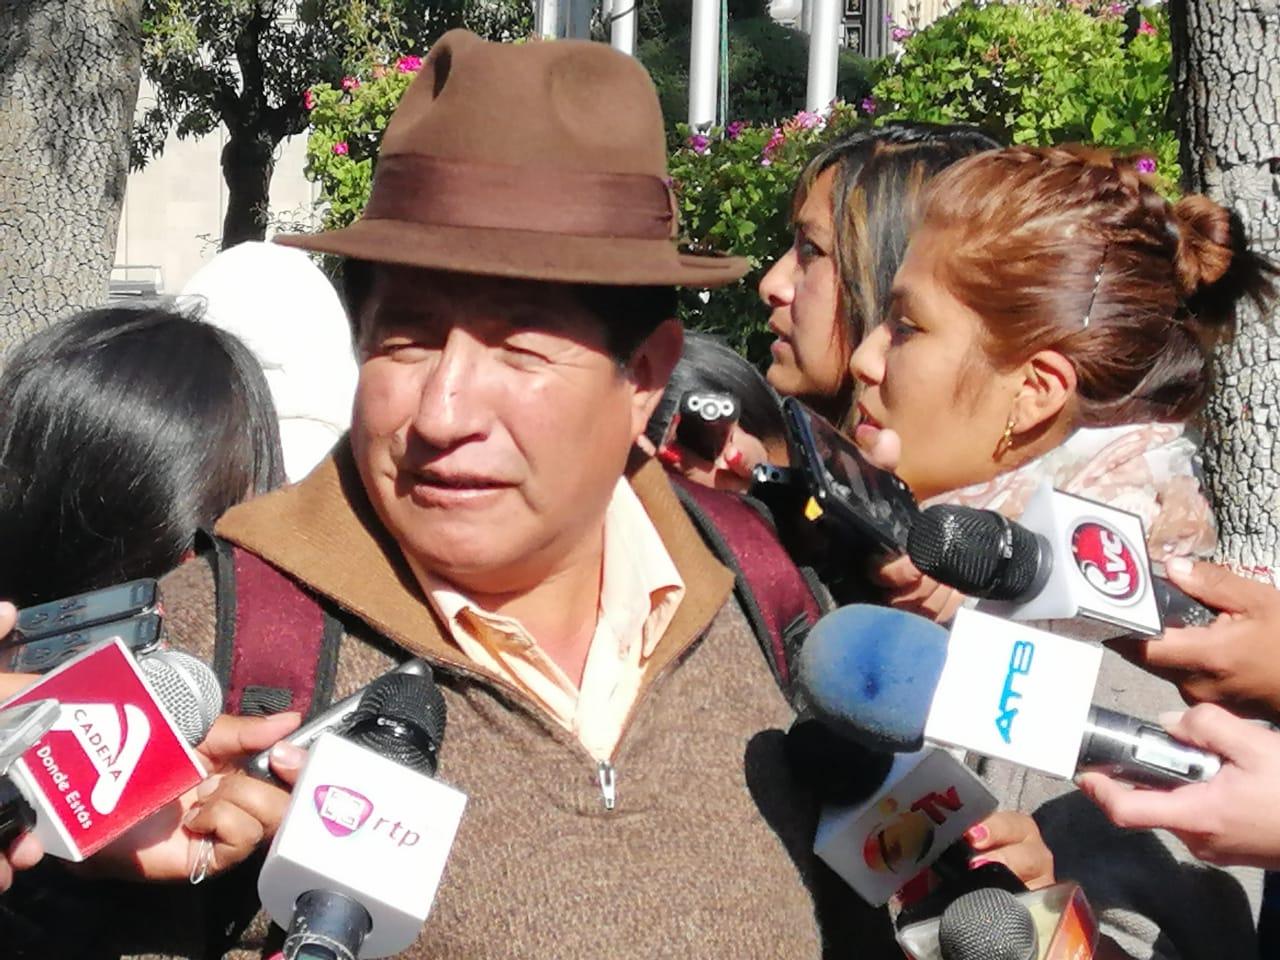 Diputado Quispe sospecha que Cárdenas dejó su cargo por tener un vínculo familiar con Morales